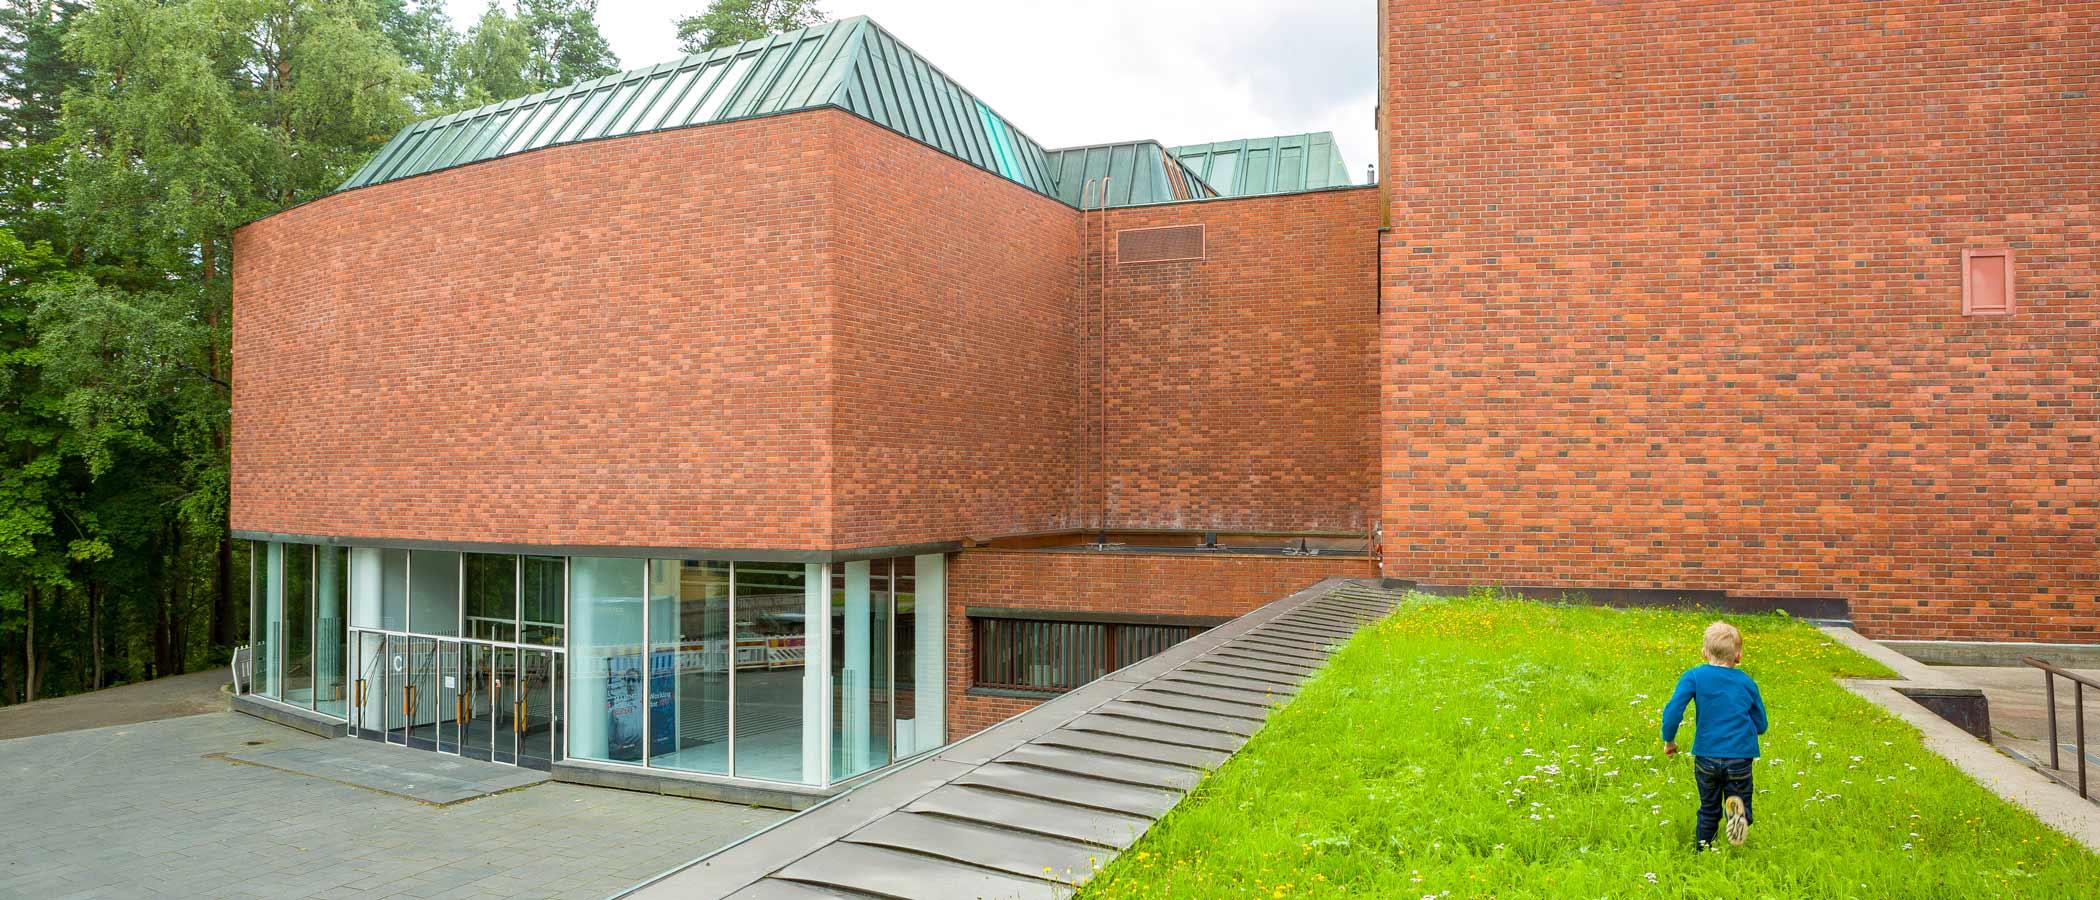 Jyväskylän yliopiston Seminaarinmäen kampuksen päärakennus